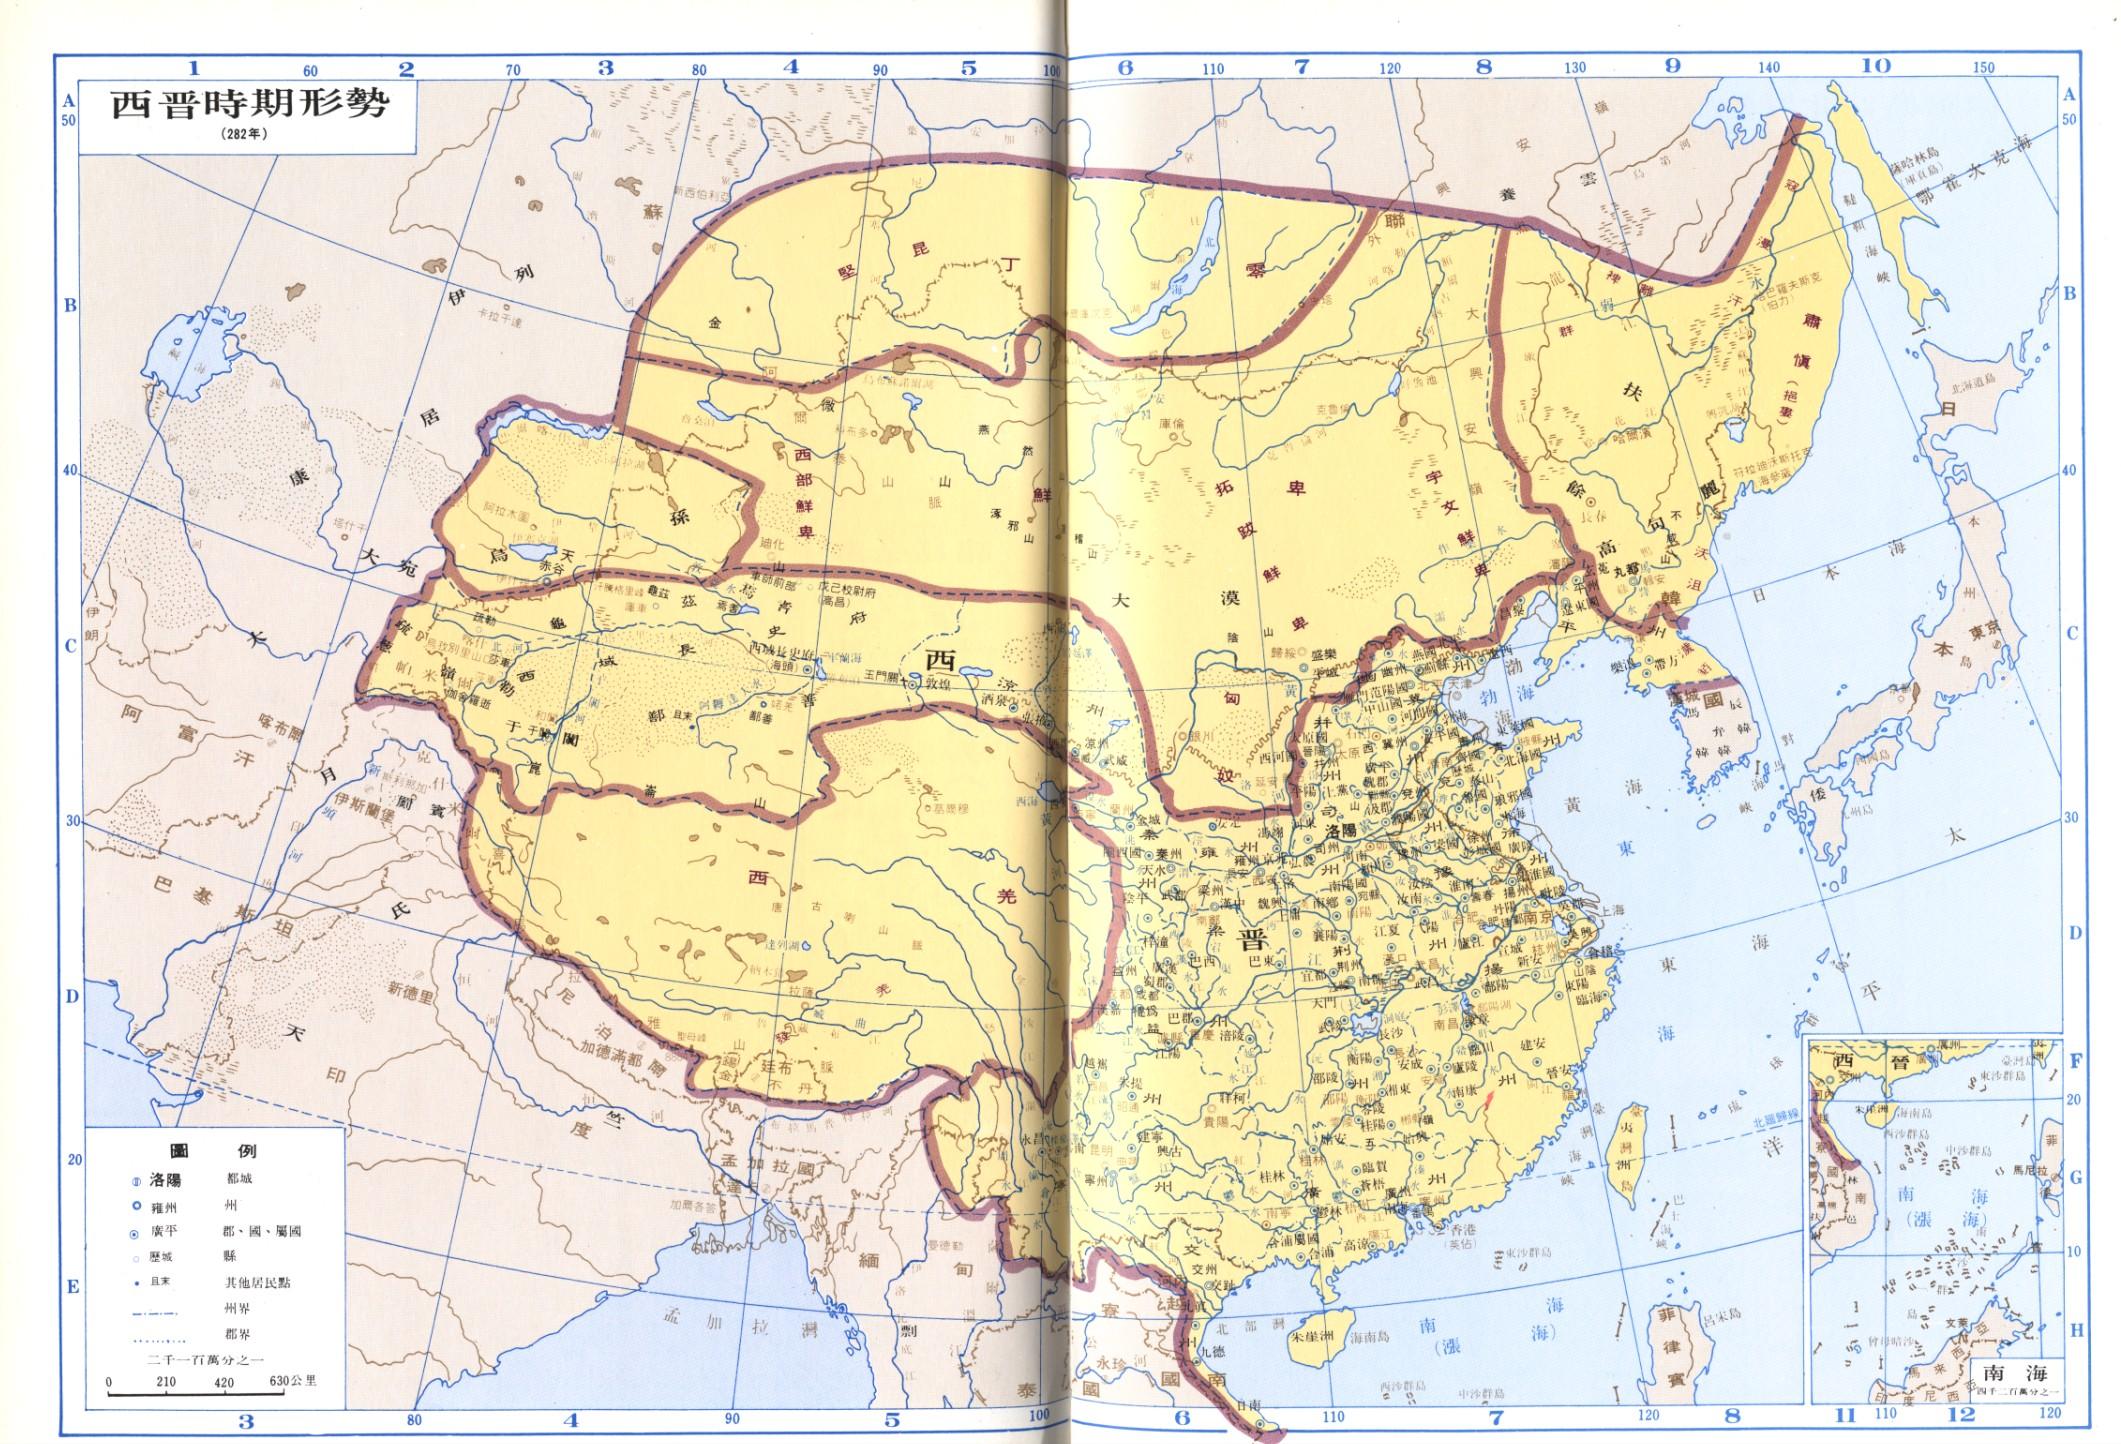 西晋地图全图高清版